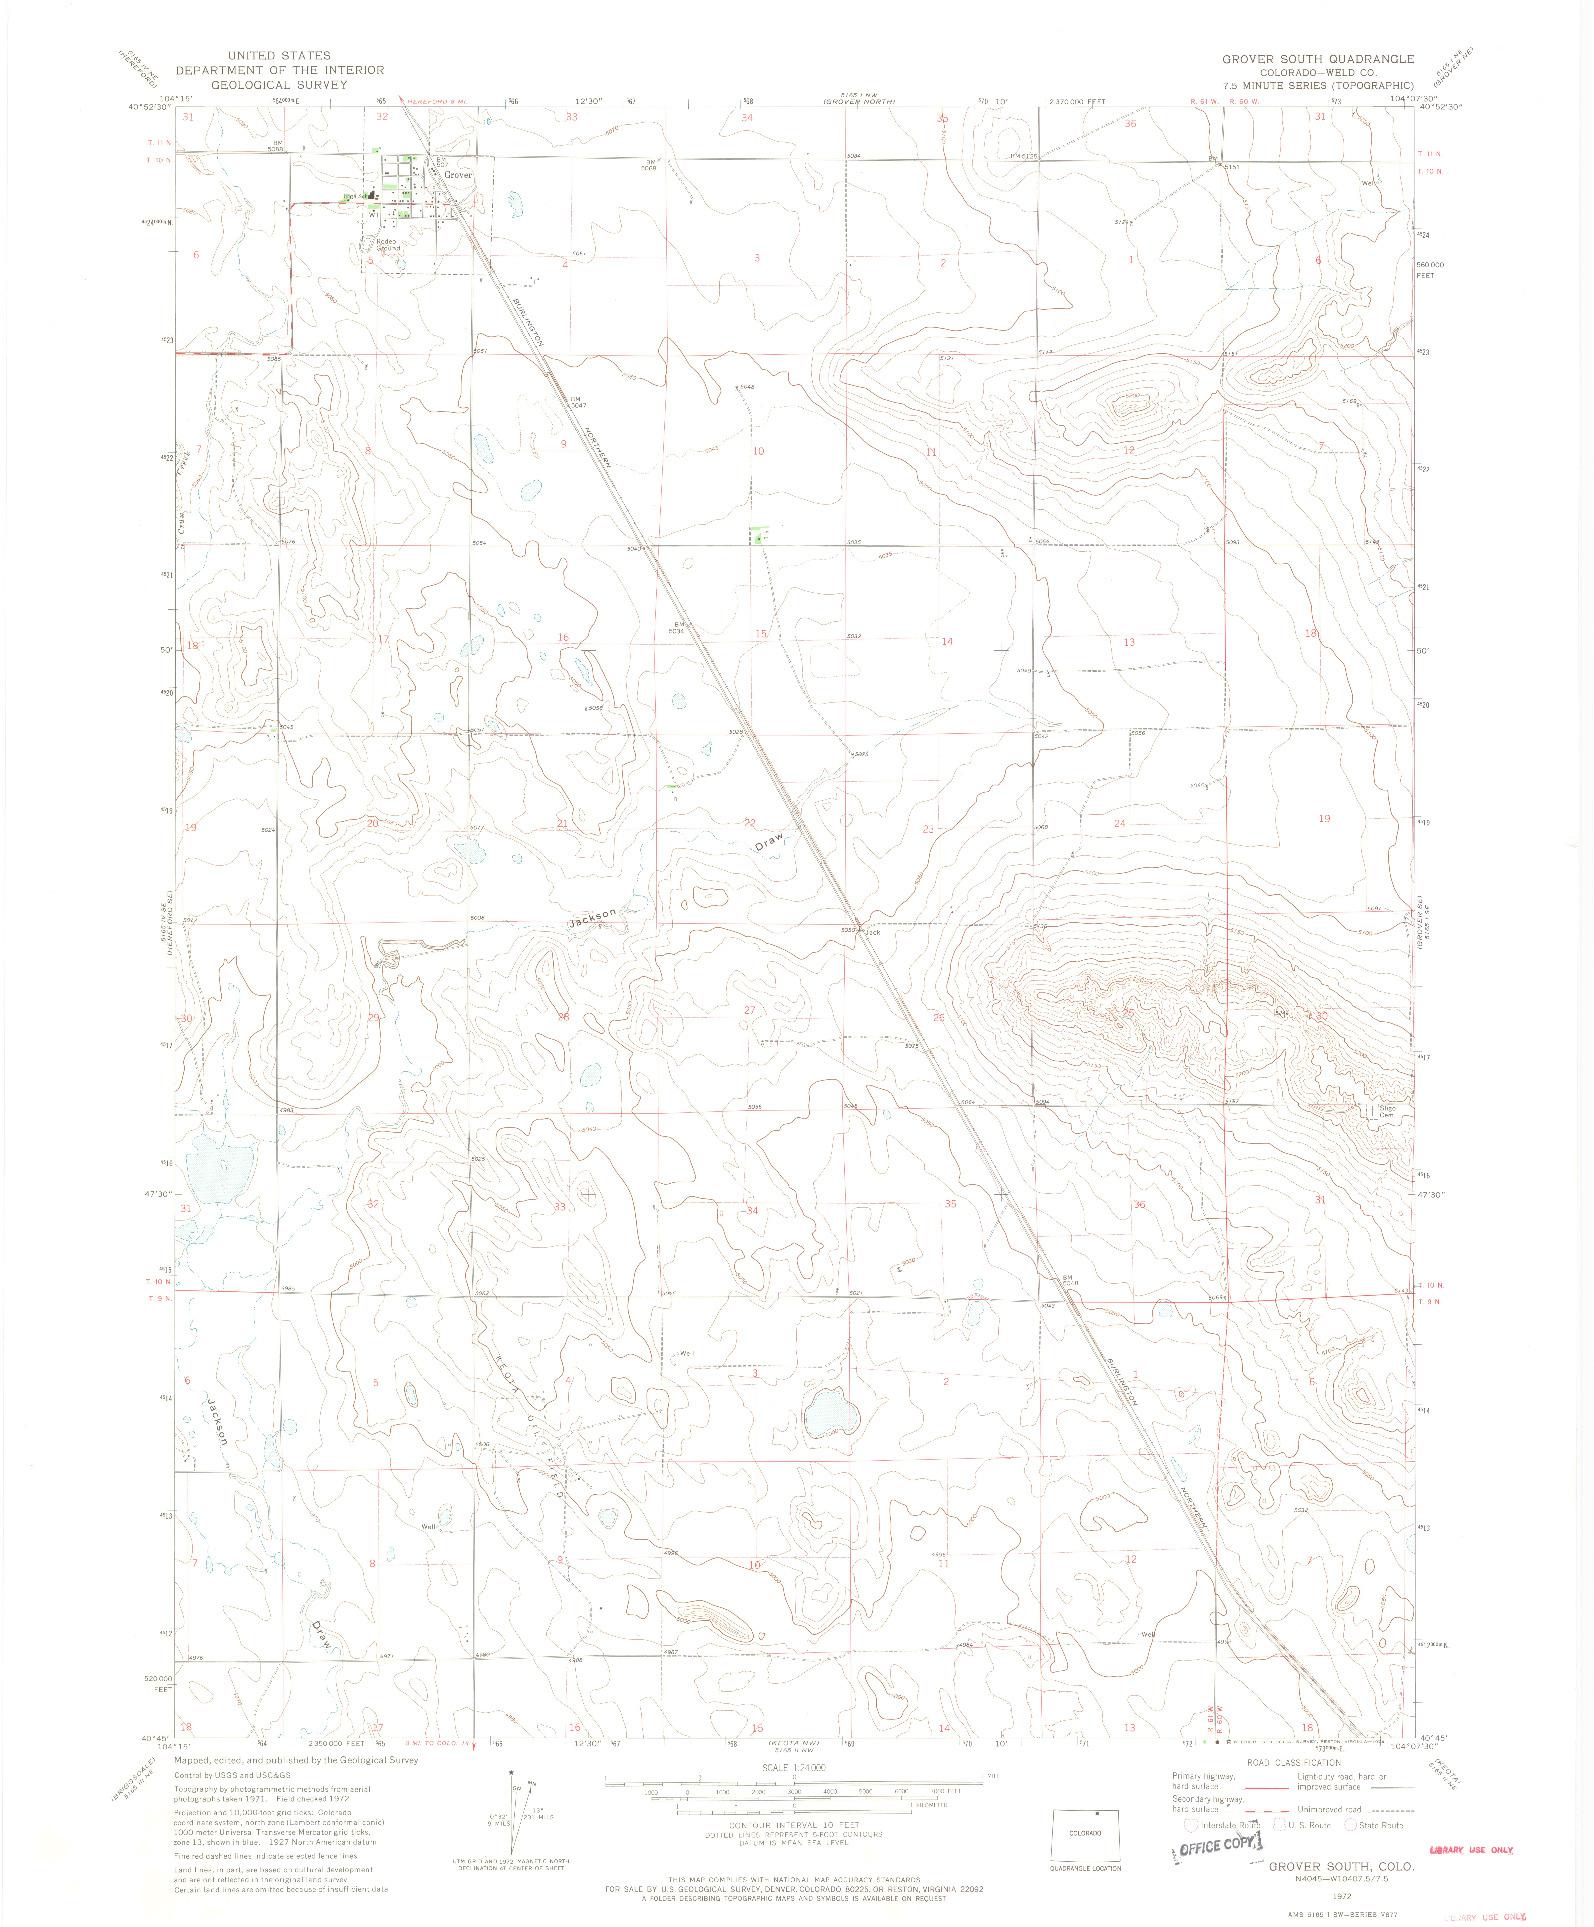 USGS 1:24000-SCALE QUADRANGLE FOR GROVER SOUTH, CO 1972